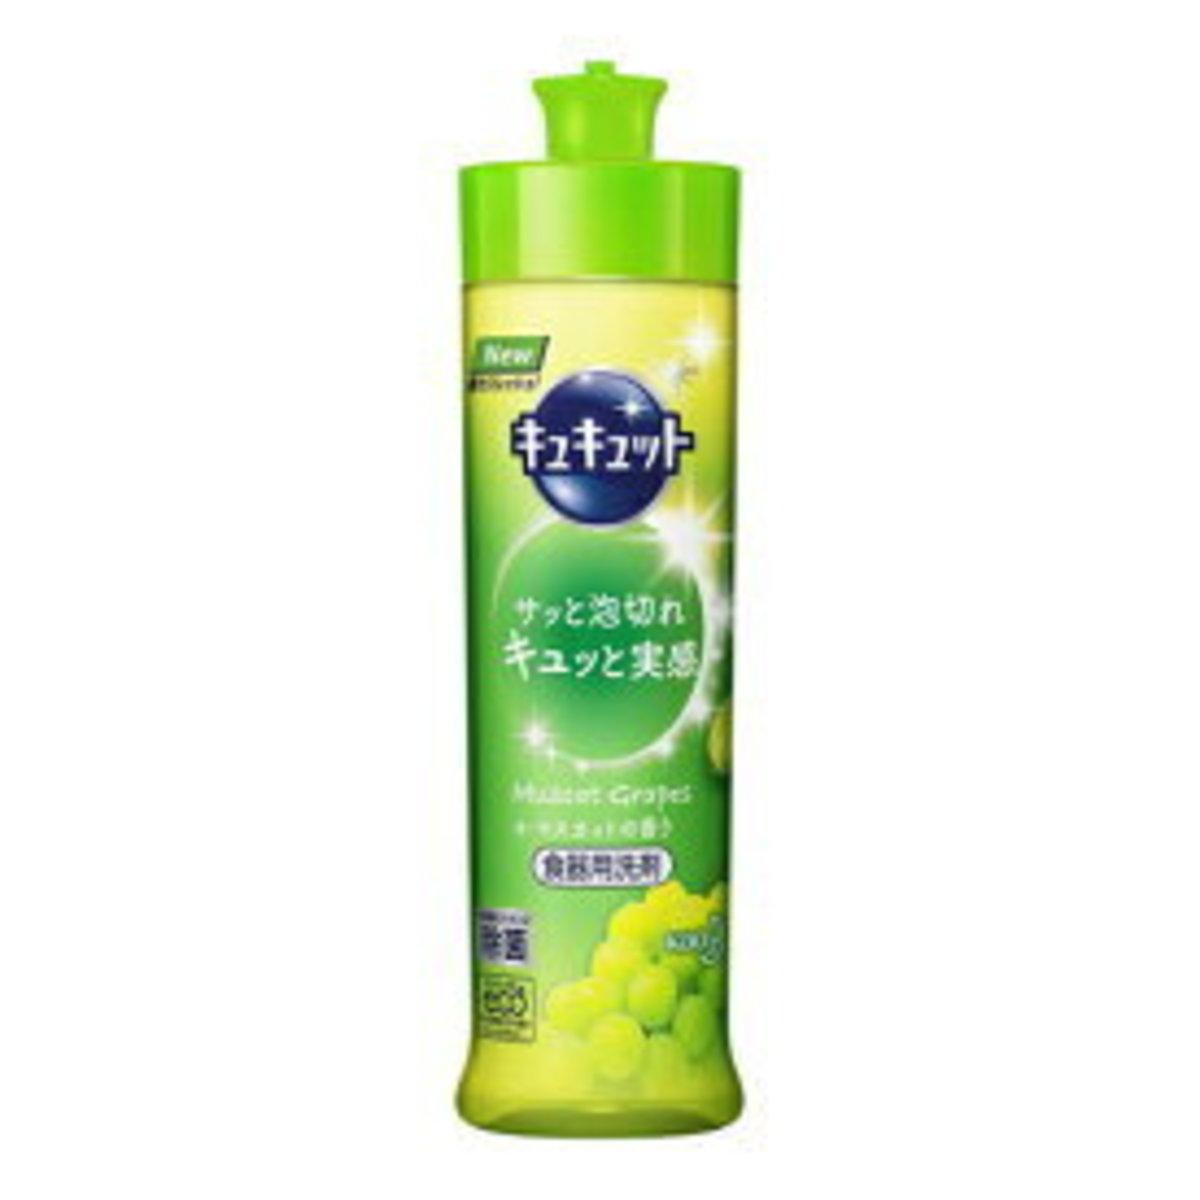 Cucute super-concentrated detergent sterilization (Green Titian) 240ml